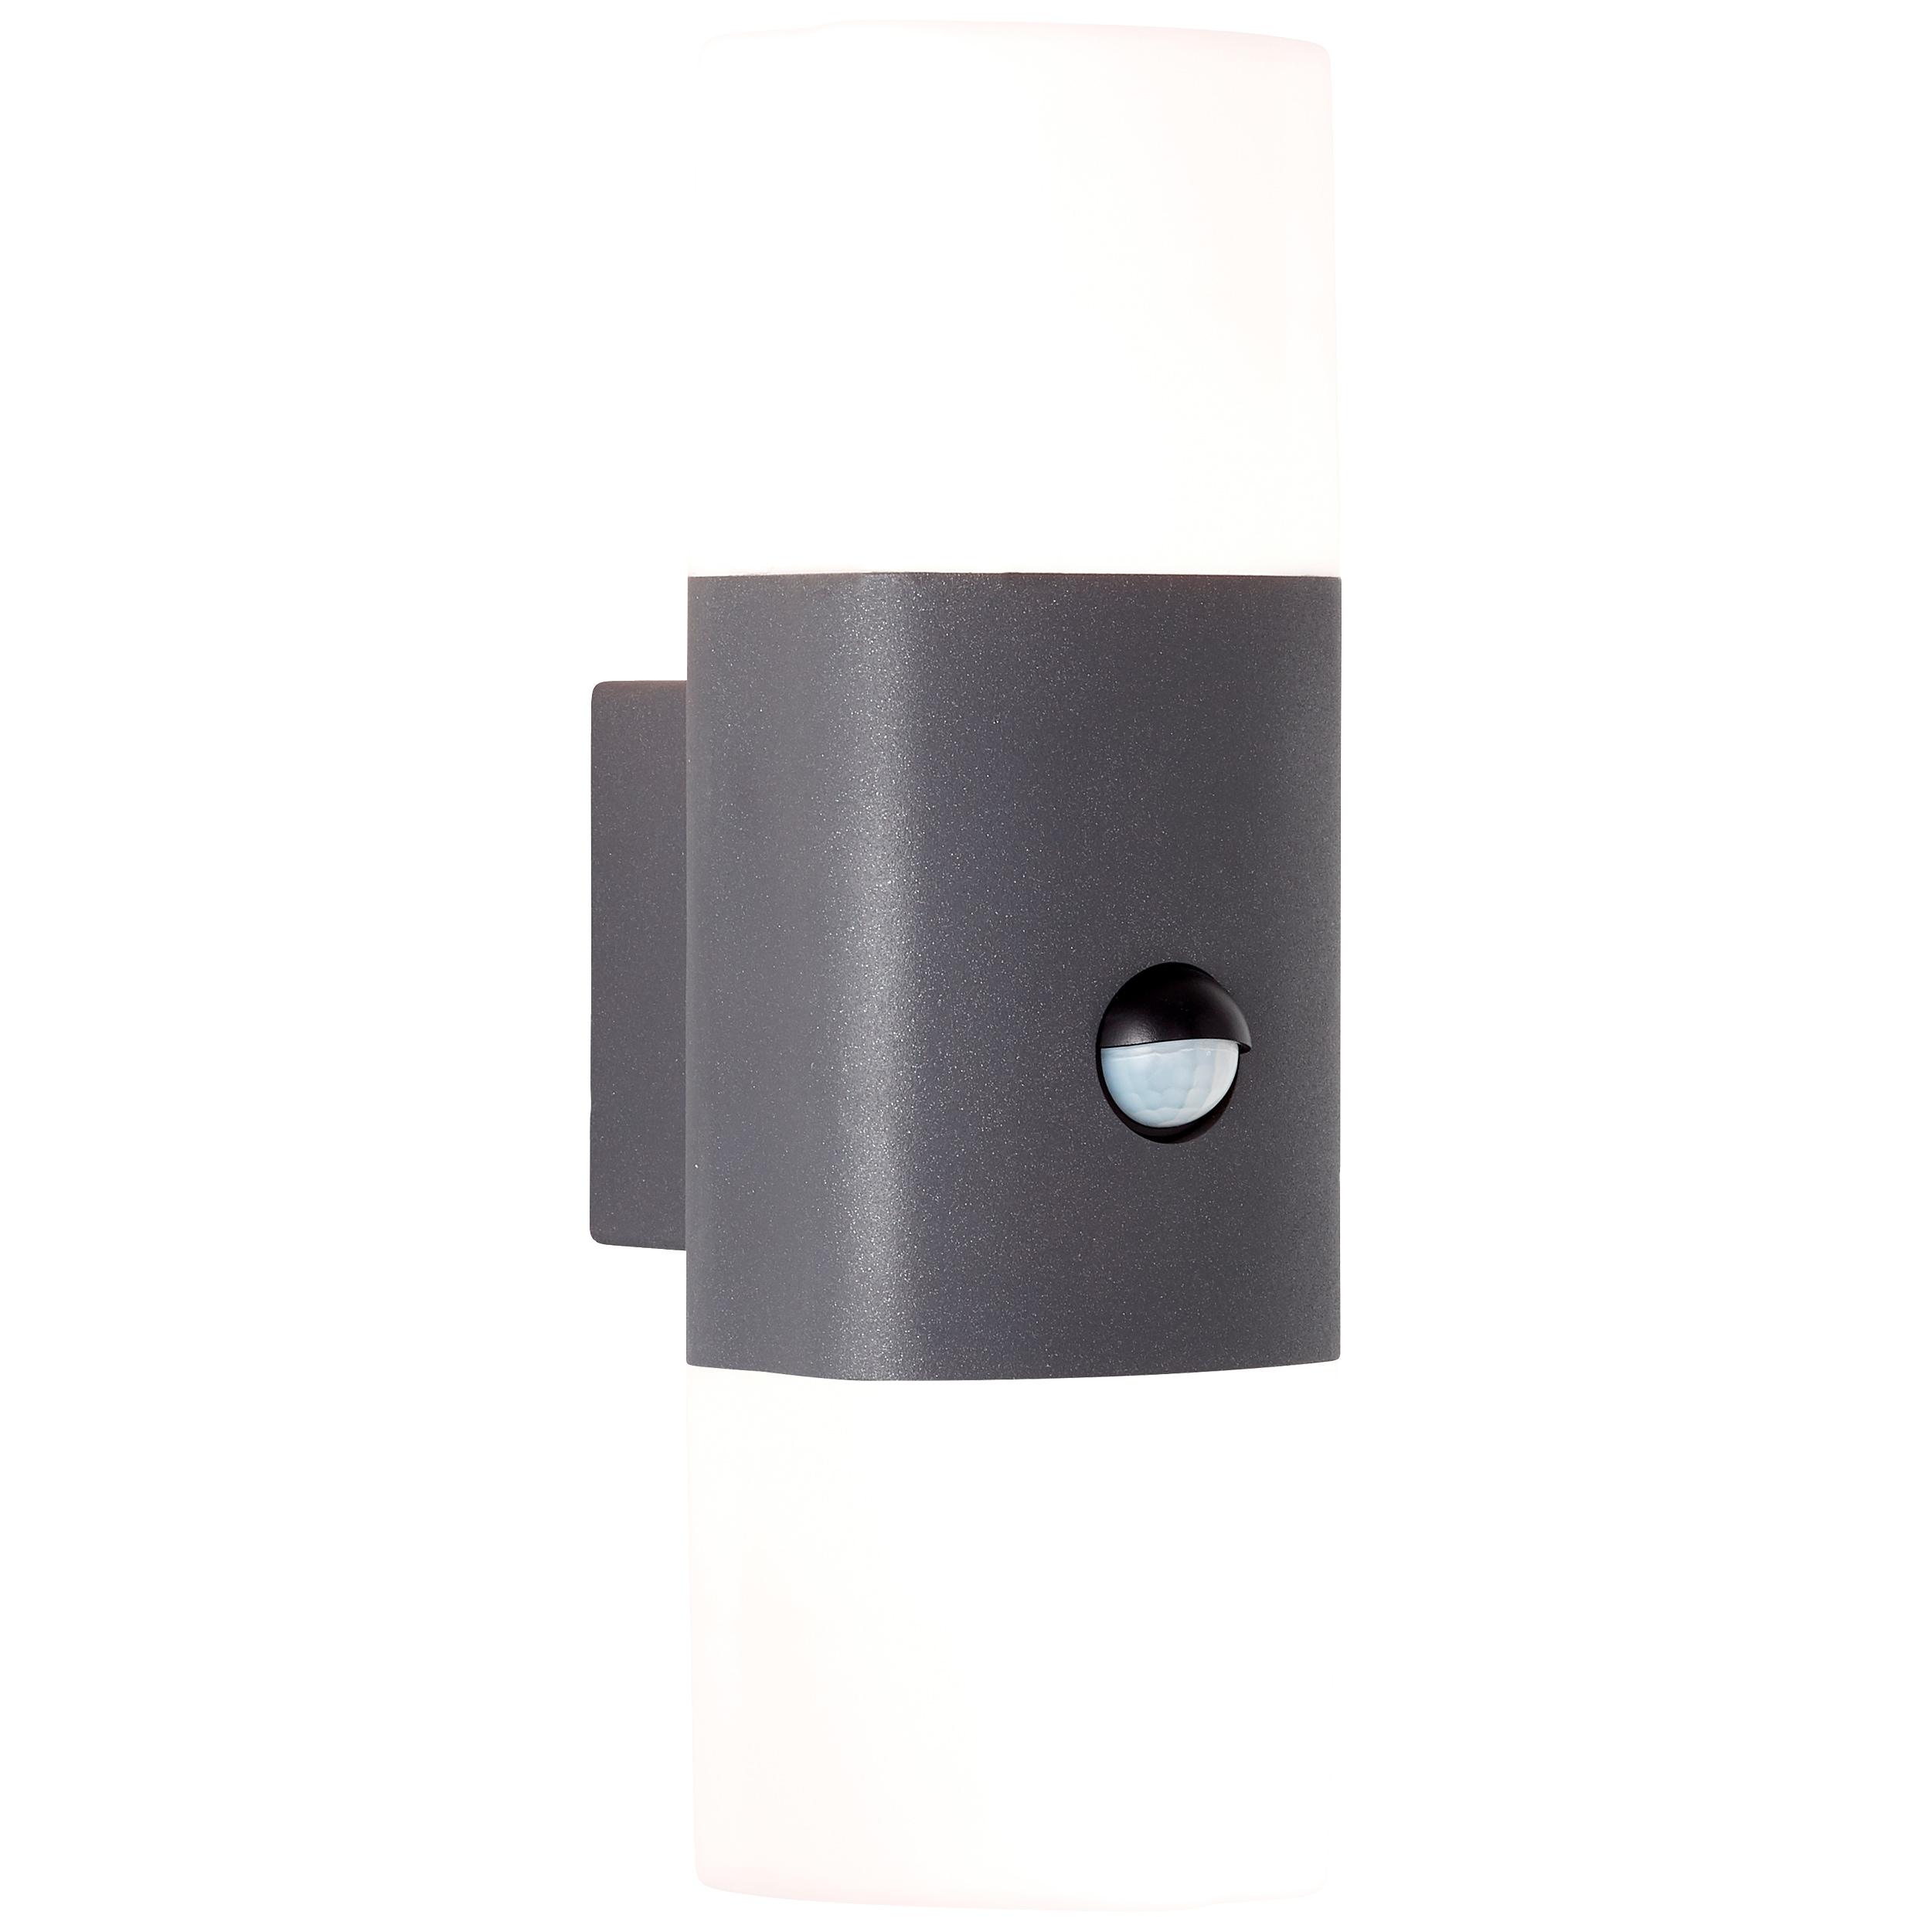 AEG Farlay LED Außenwandleuchte 2flg mit Bewegungsmelder anthrazit